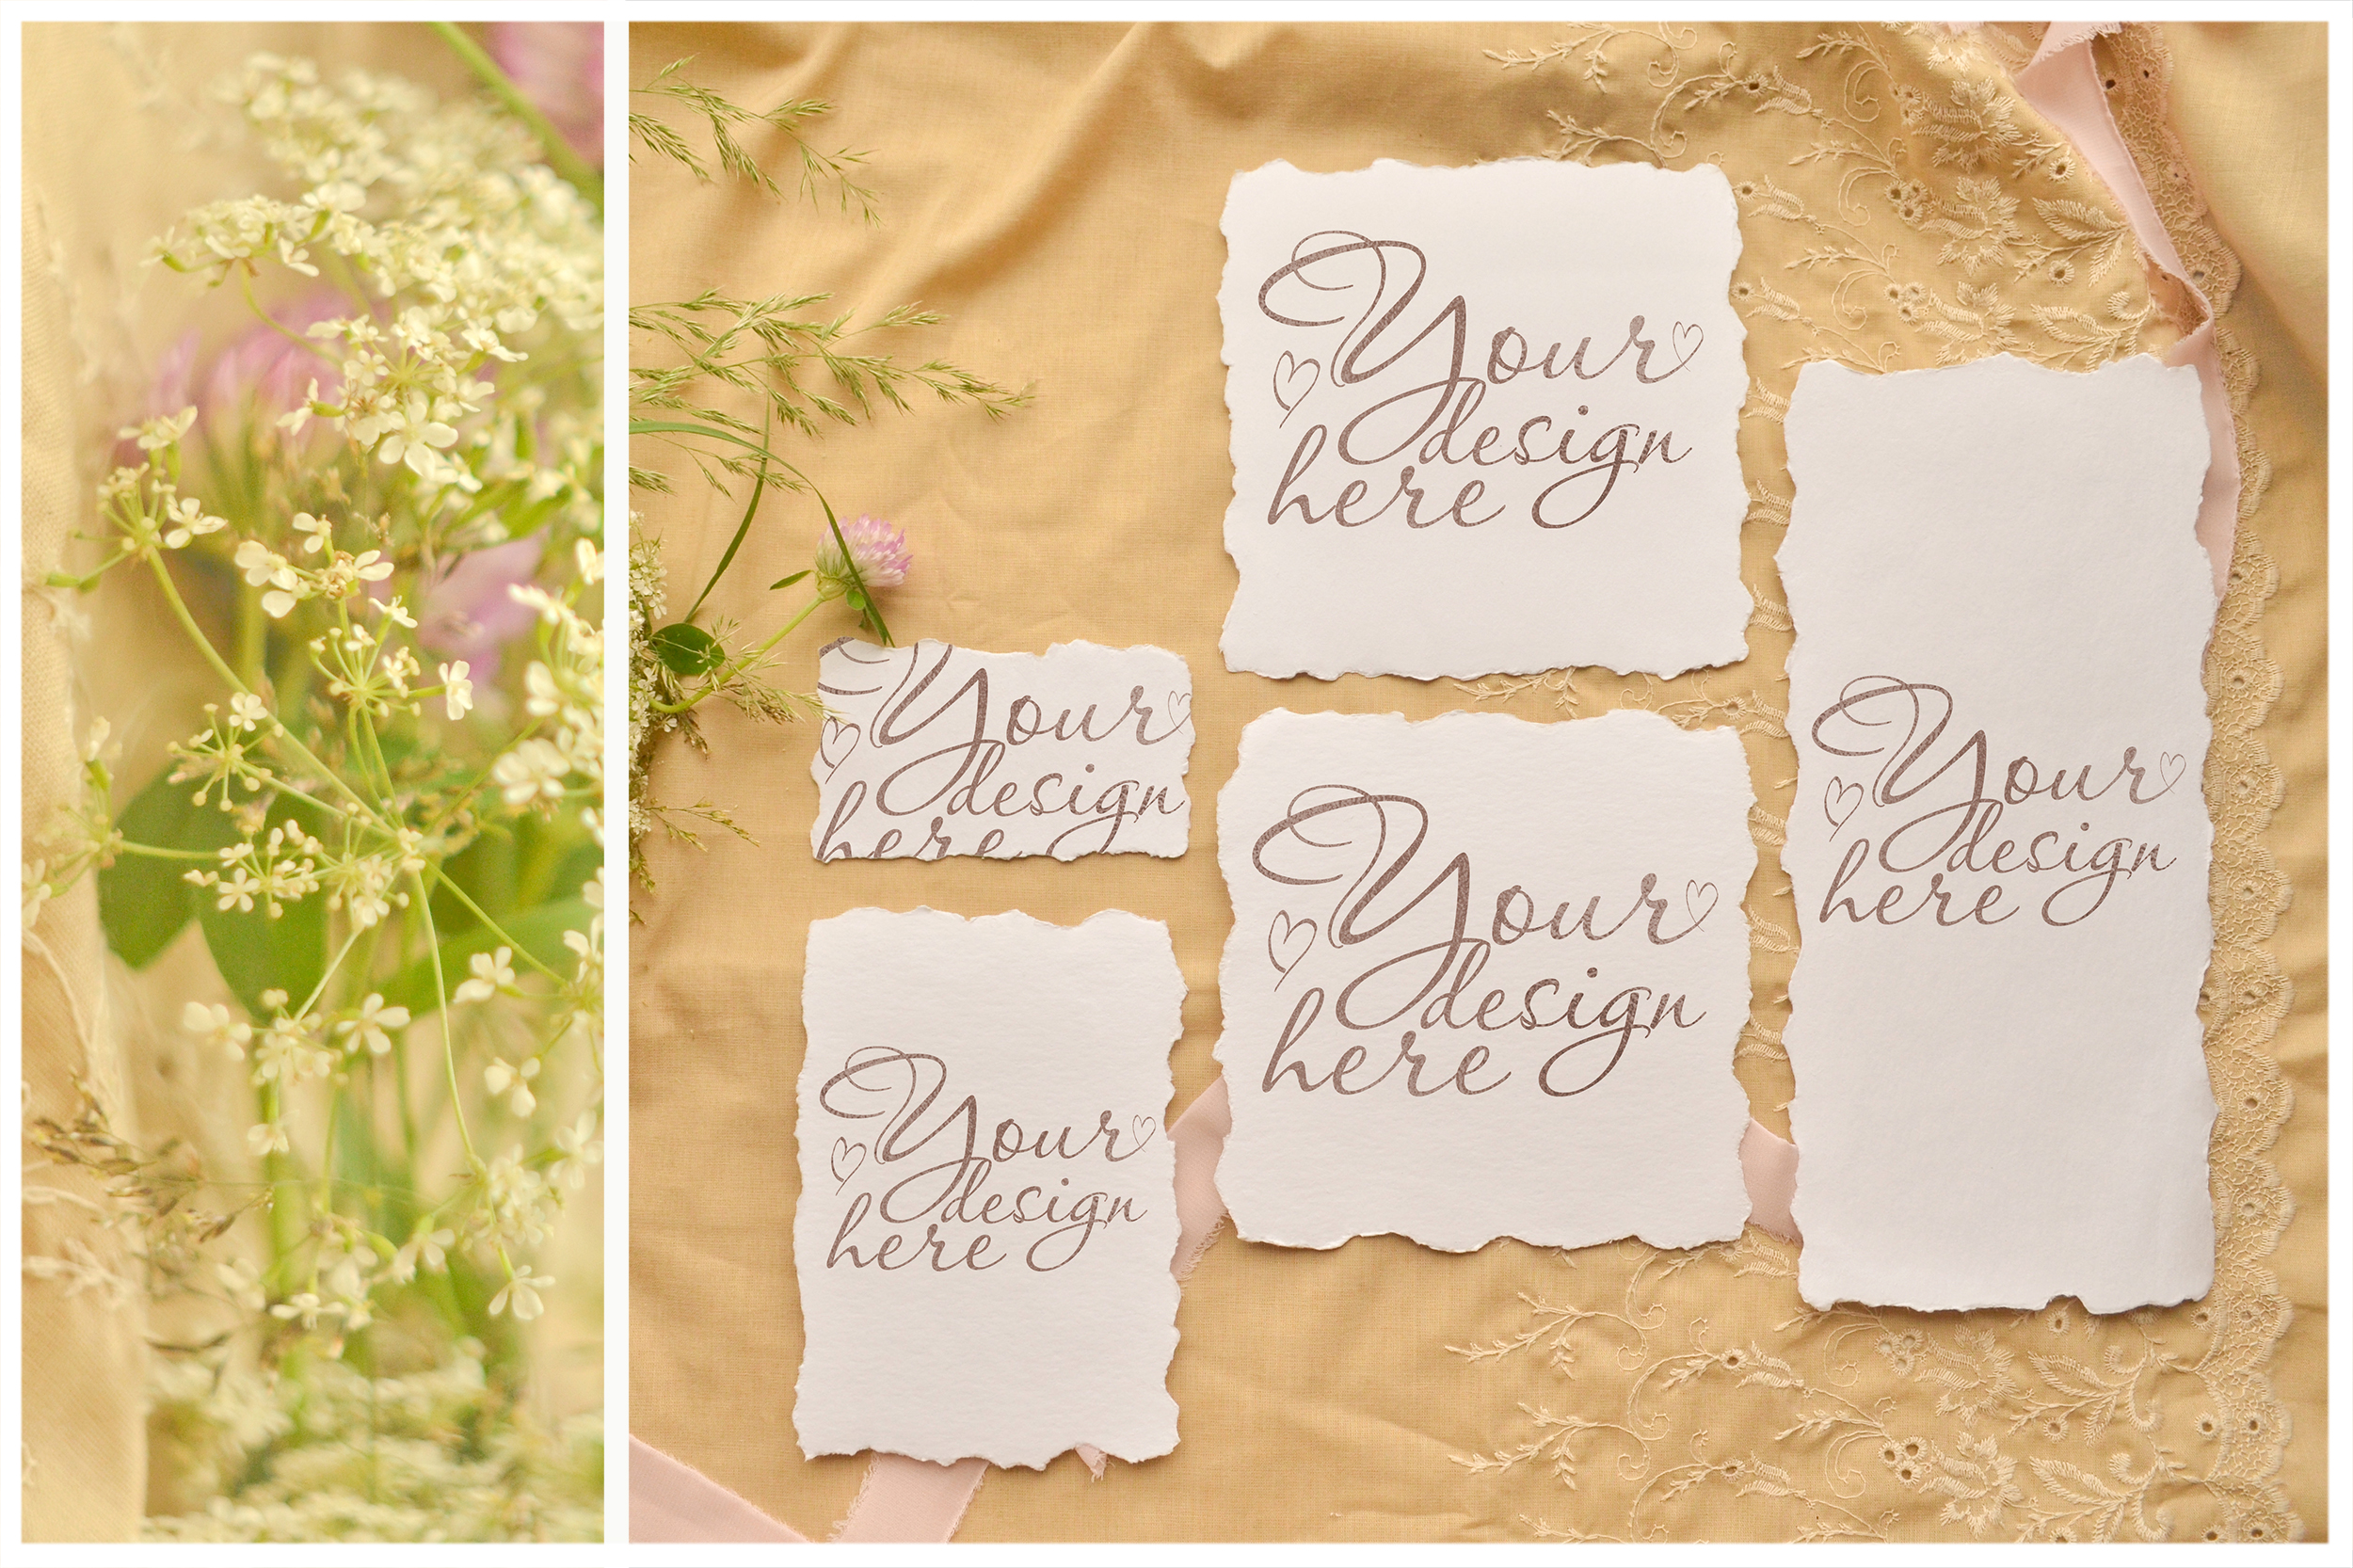 Honey Meadow. Wedding mockups & stock photo bundle example image 2